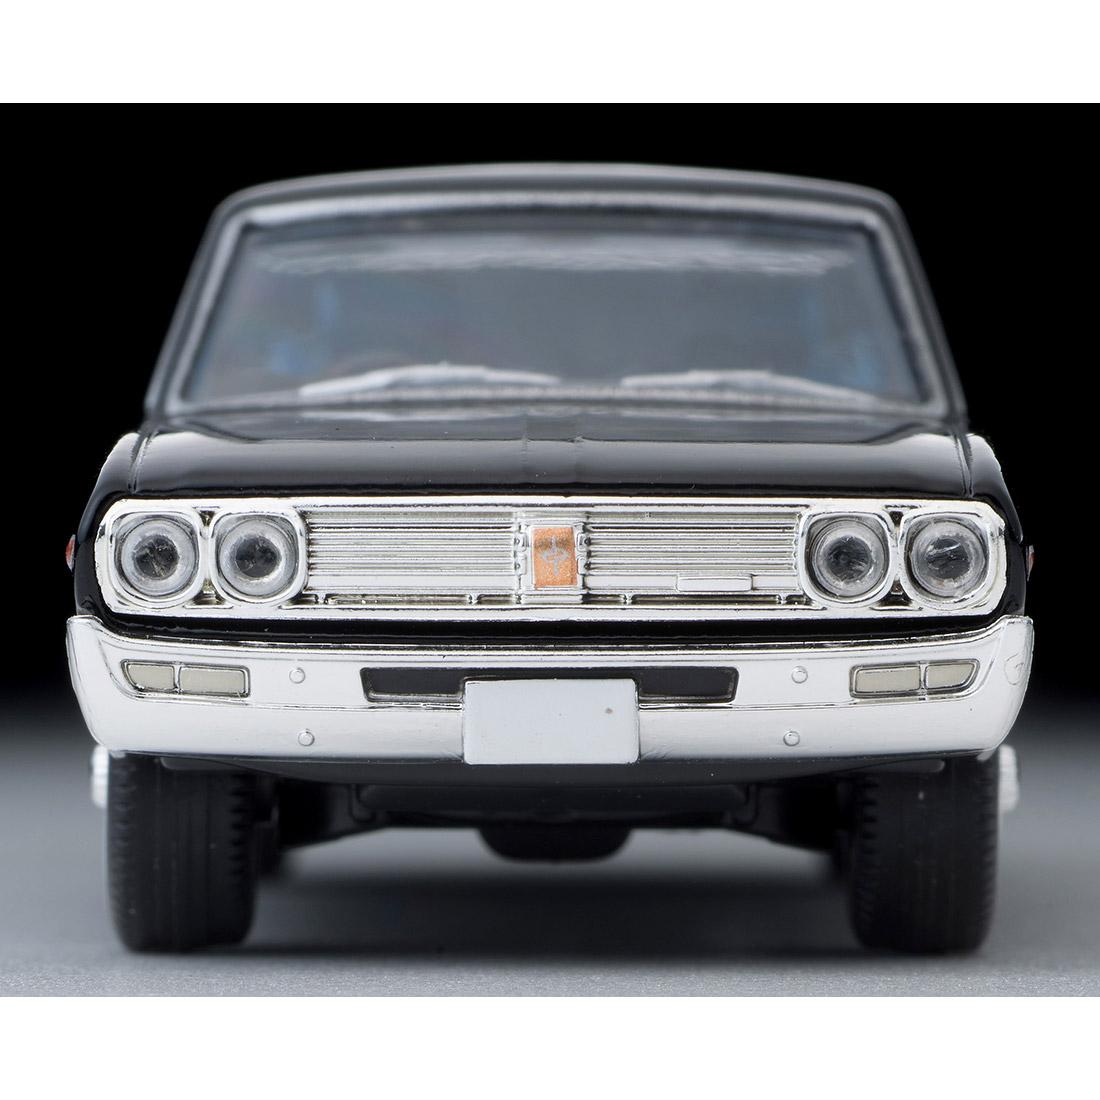 トミカリミテッドヴィンテージ ネオ LV-N205a『セドリック 2000GL(茶)』1/64 ミニカー-013